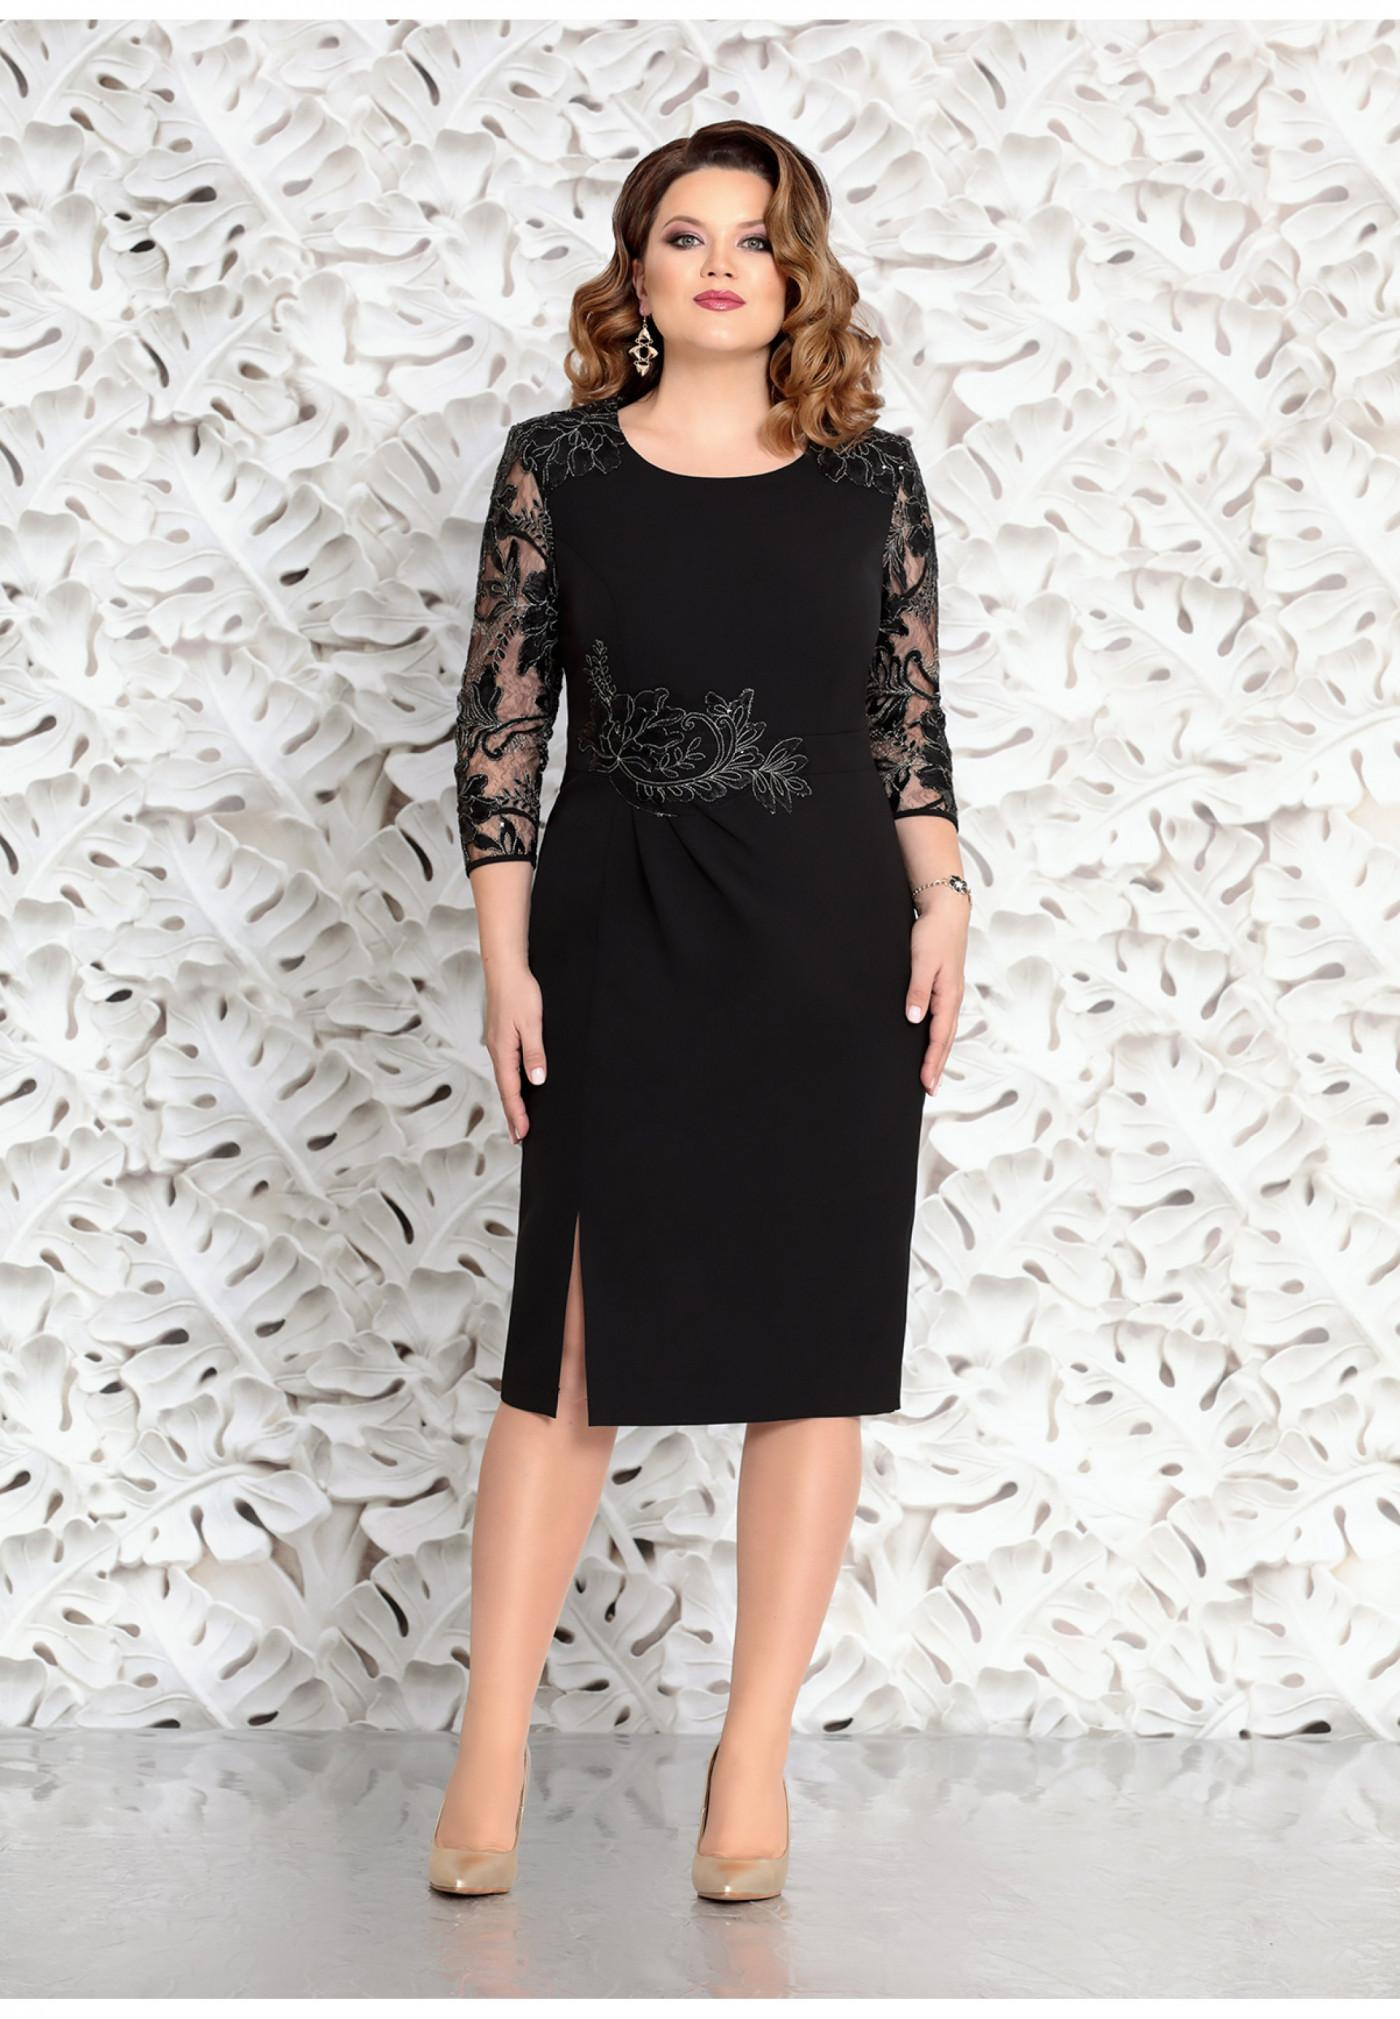 cb2a5eaecfe Для женщин   Одежда   Платья   Черные платья - 80 штук